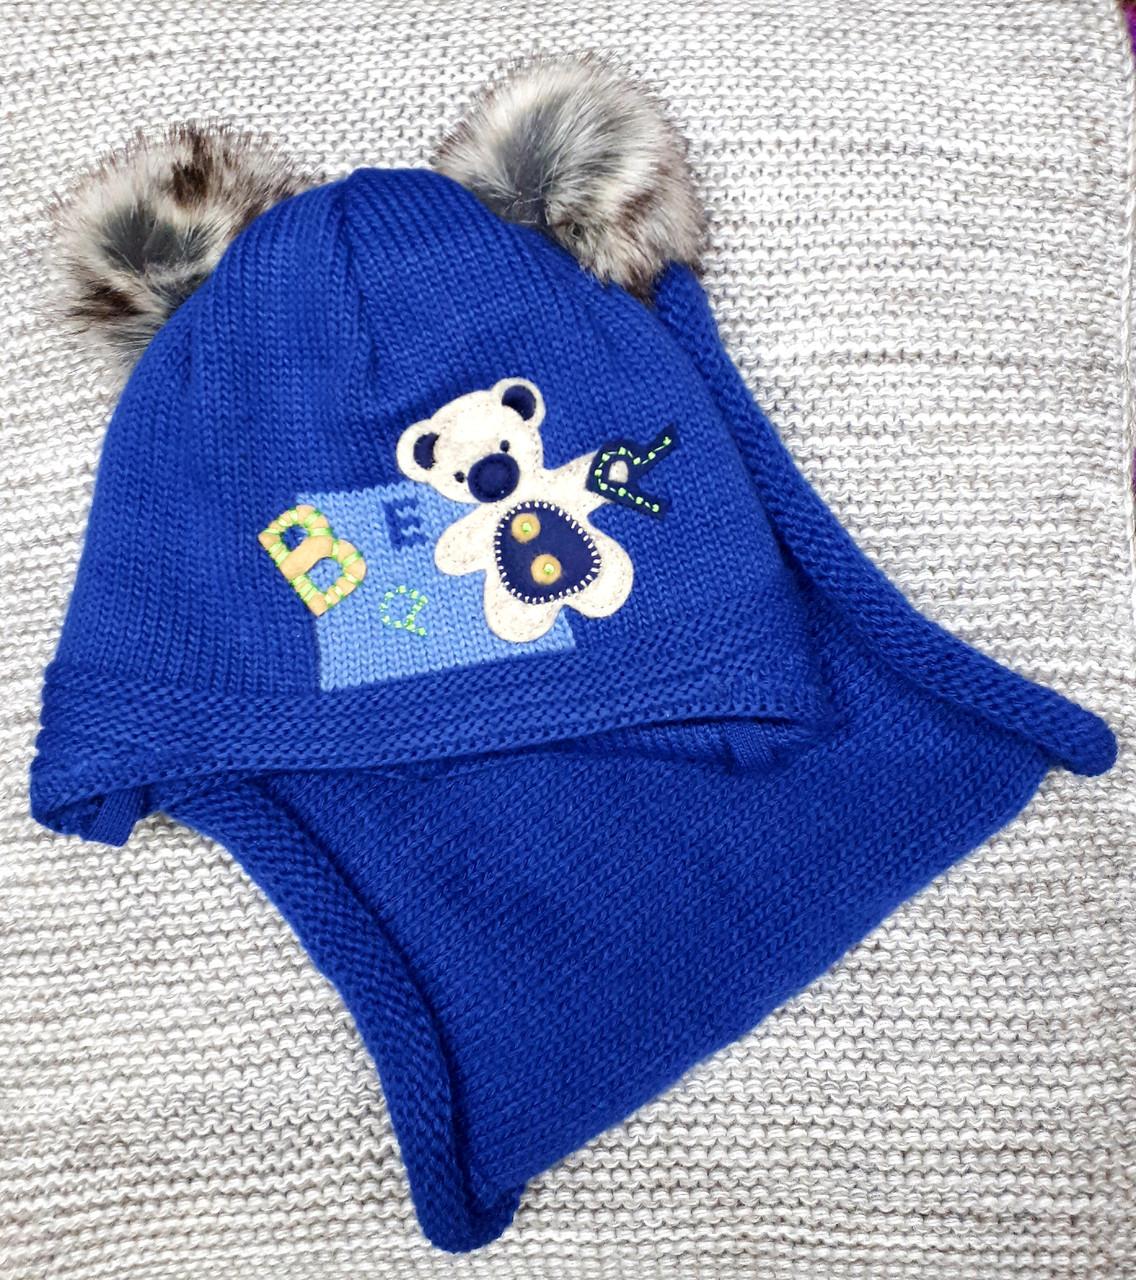 Шапка с хомутом детская  на мальчика зима синего цвета Ambra (Польша) размер 40 42